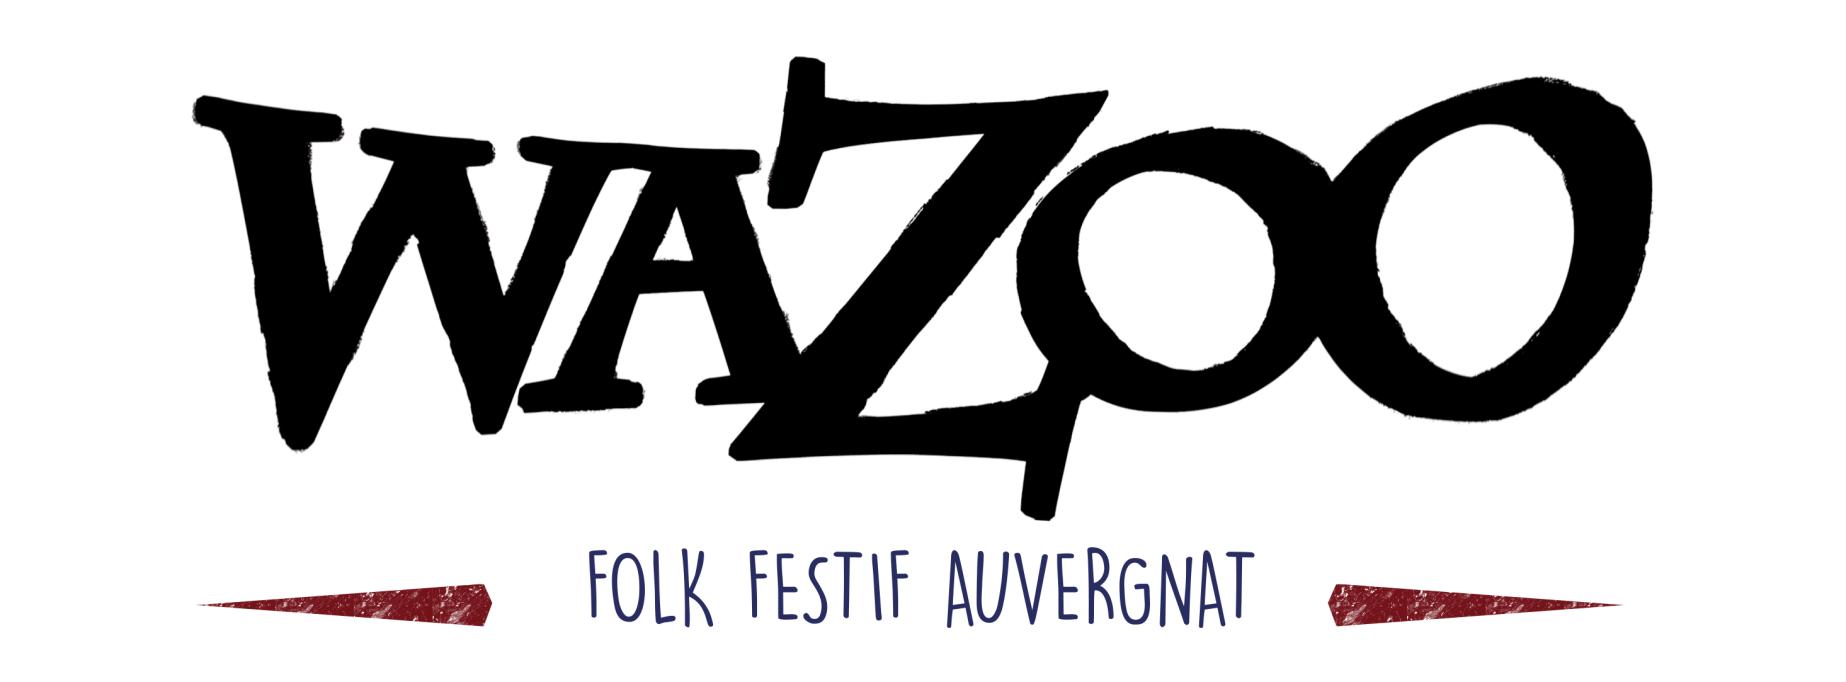 WAZOO - Folk Festif Auvergnat